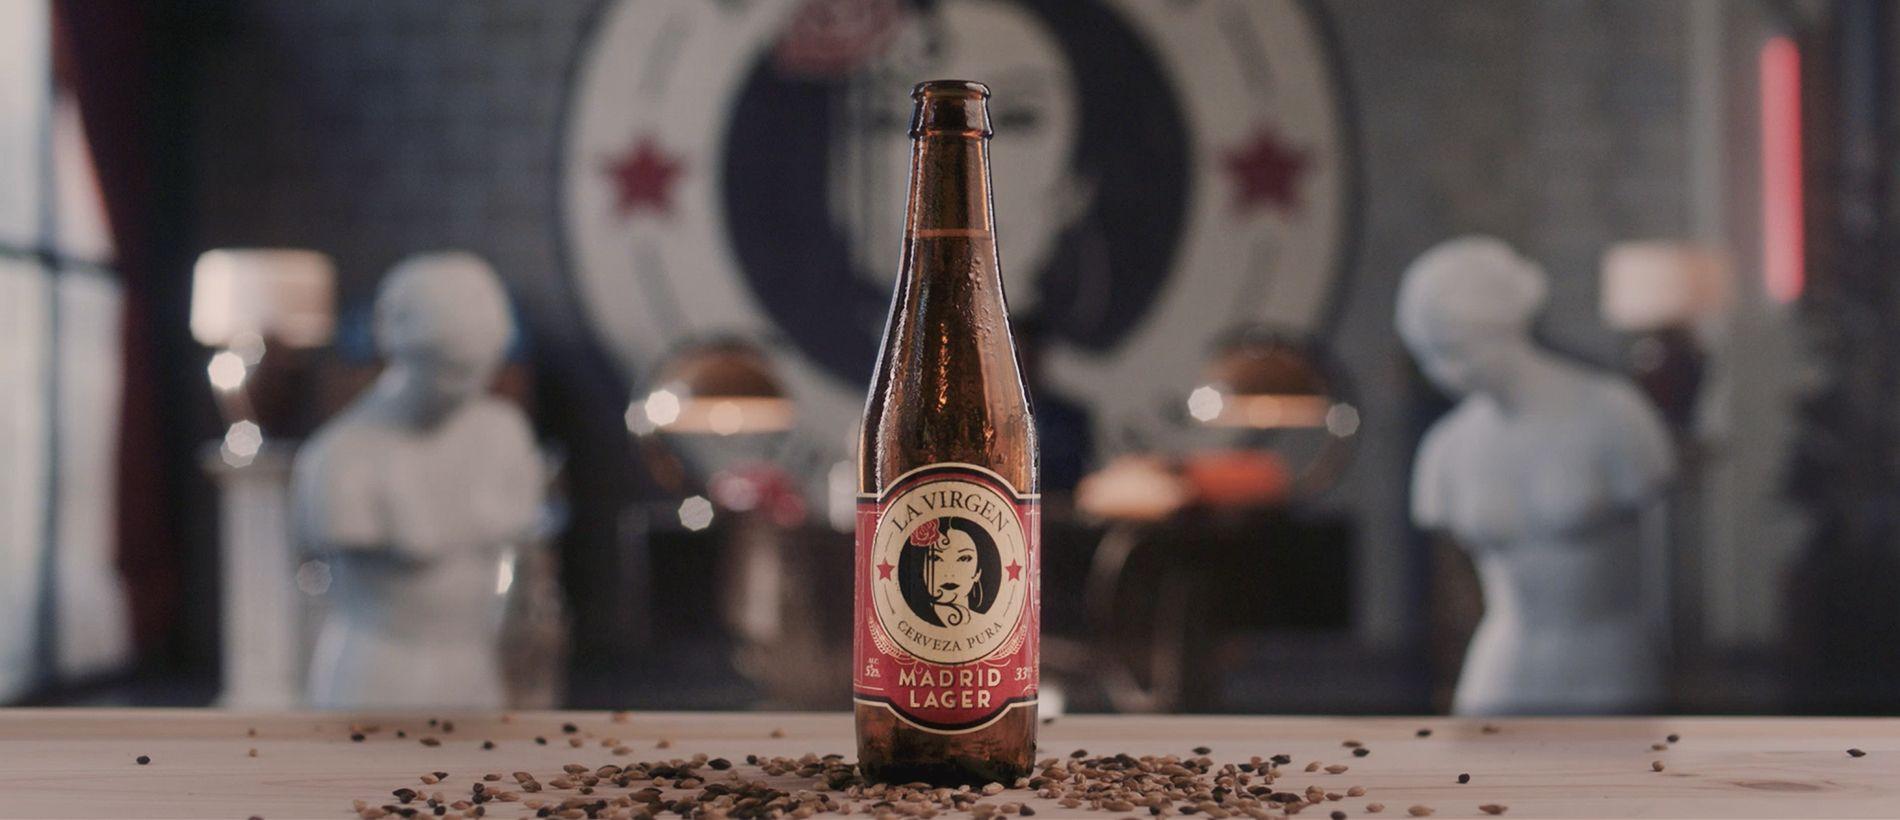 La Virgen lanza un crowdfunding para rodar el 'mejor' anuncio de cerveza